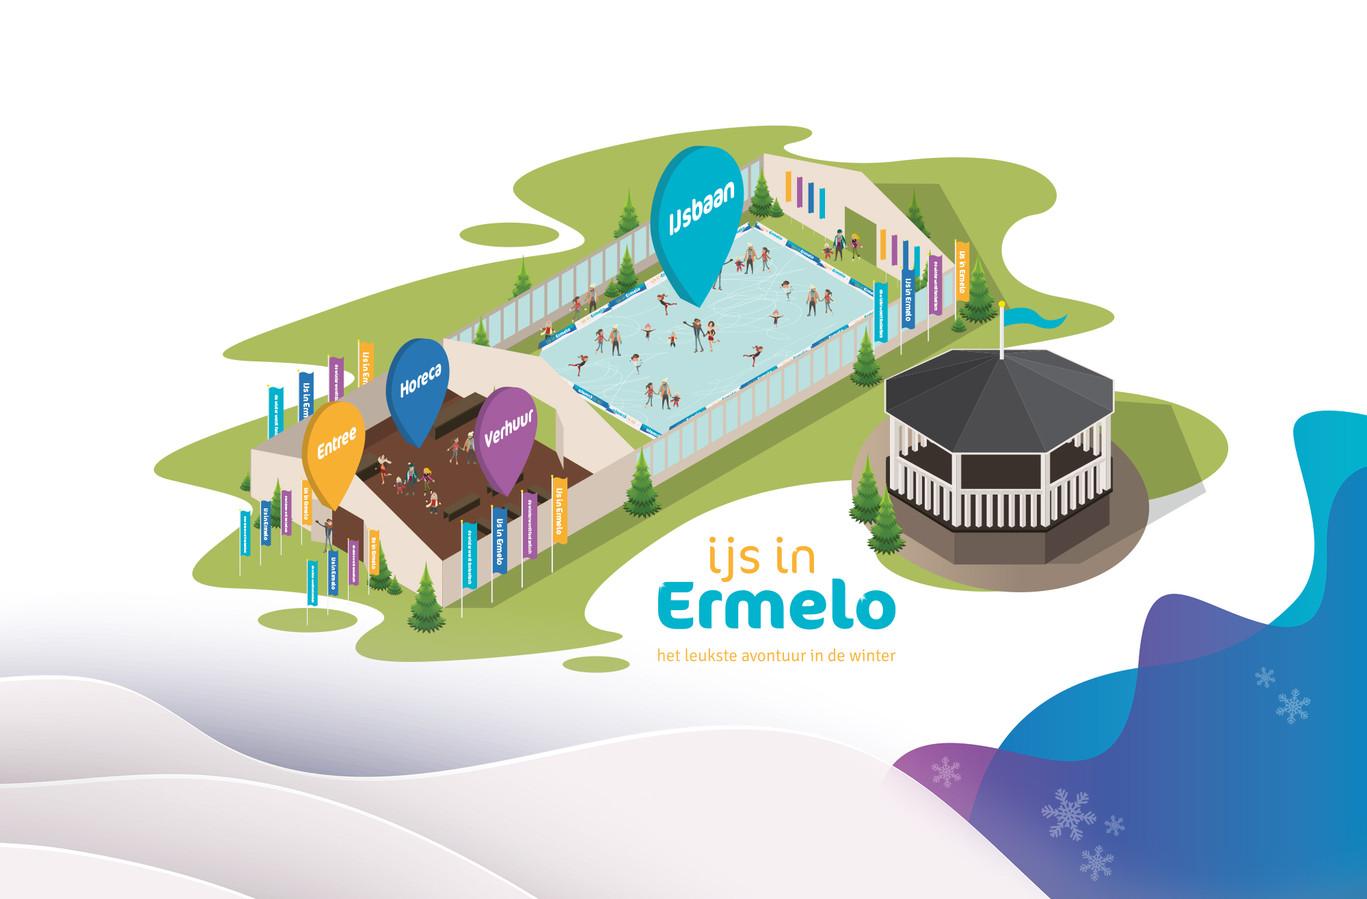 Impressie van het ijspaleisje dat komende winter op 't Weitje in Ermelo zal staan.